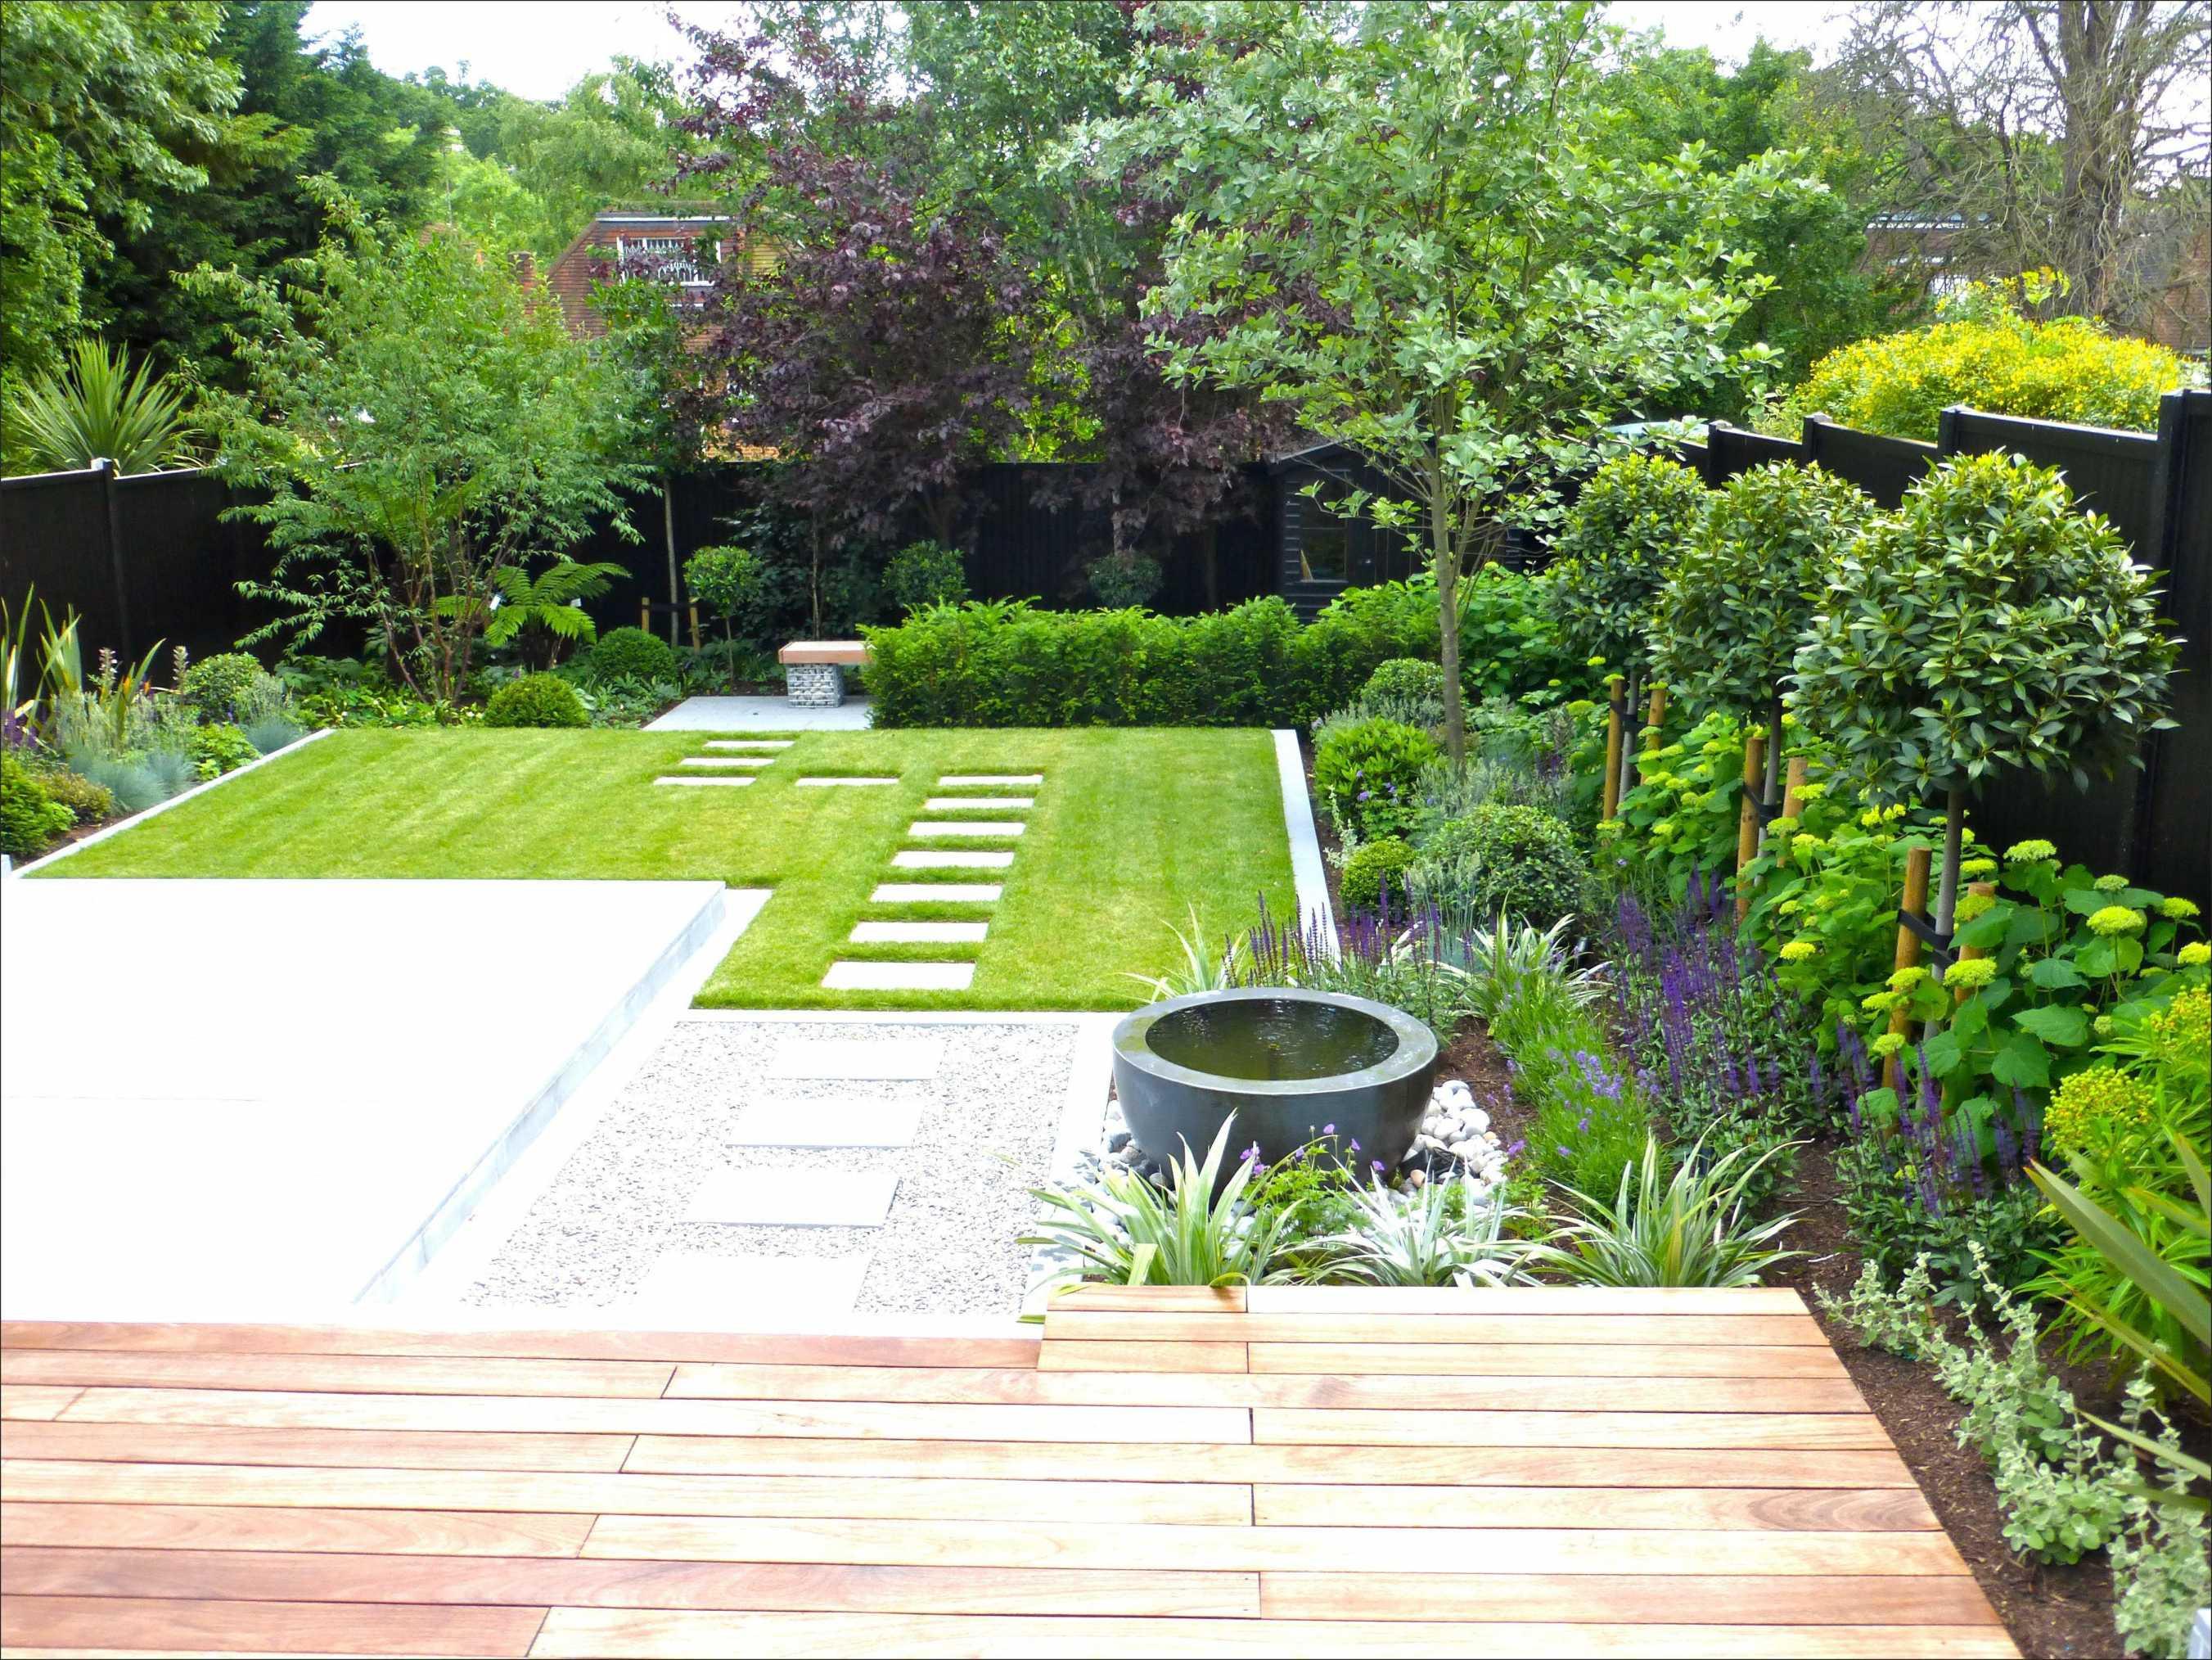 Haus Mit Garten Ausmalbild Genial Garten King Ausmalbilder Haus Mit Garten Uploadertalk Bilder